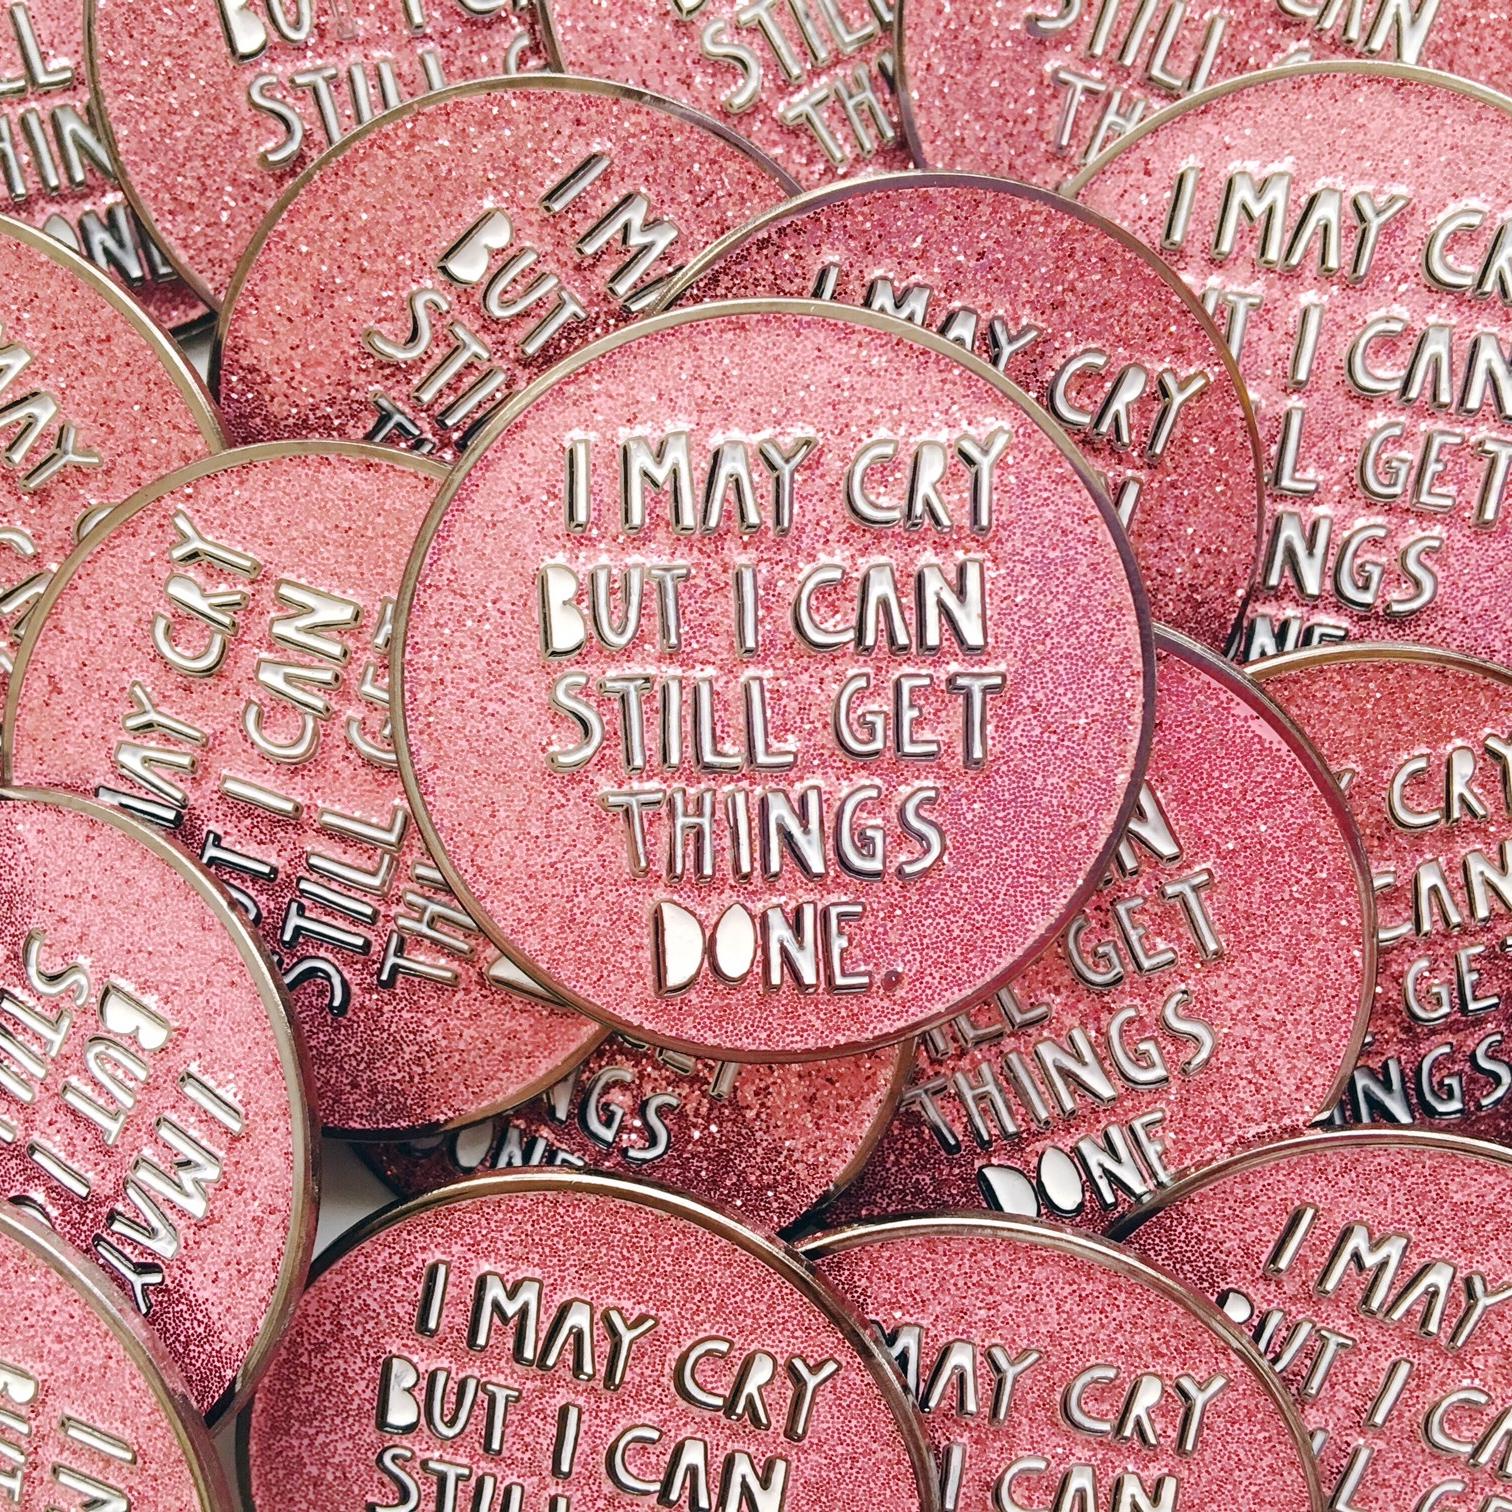 I May Cry pins